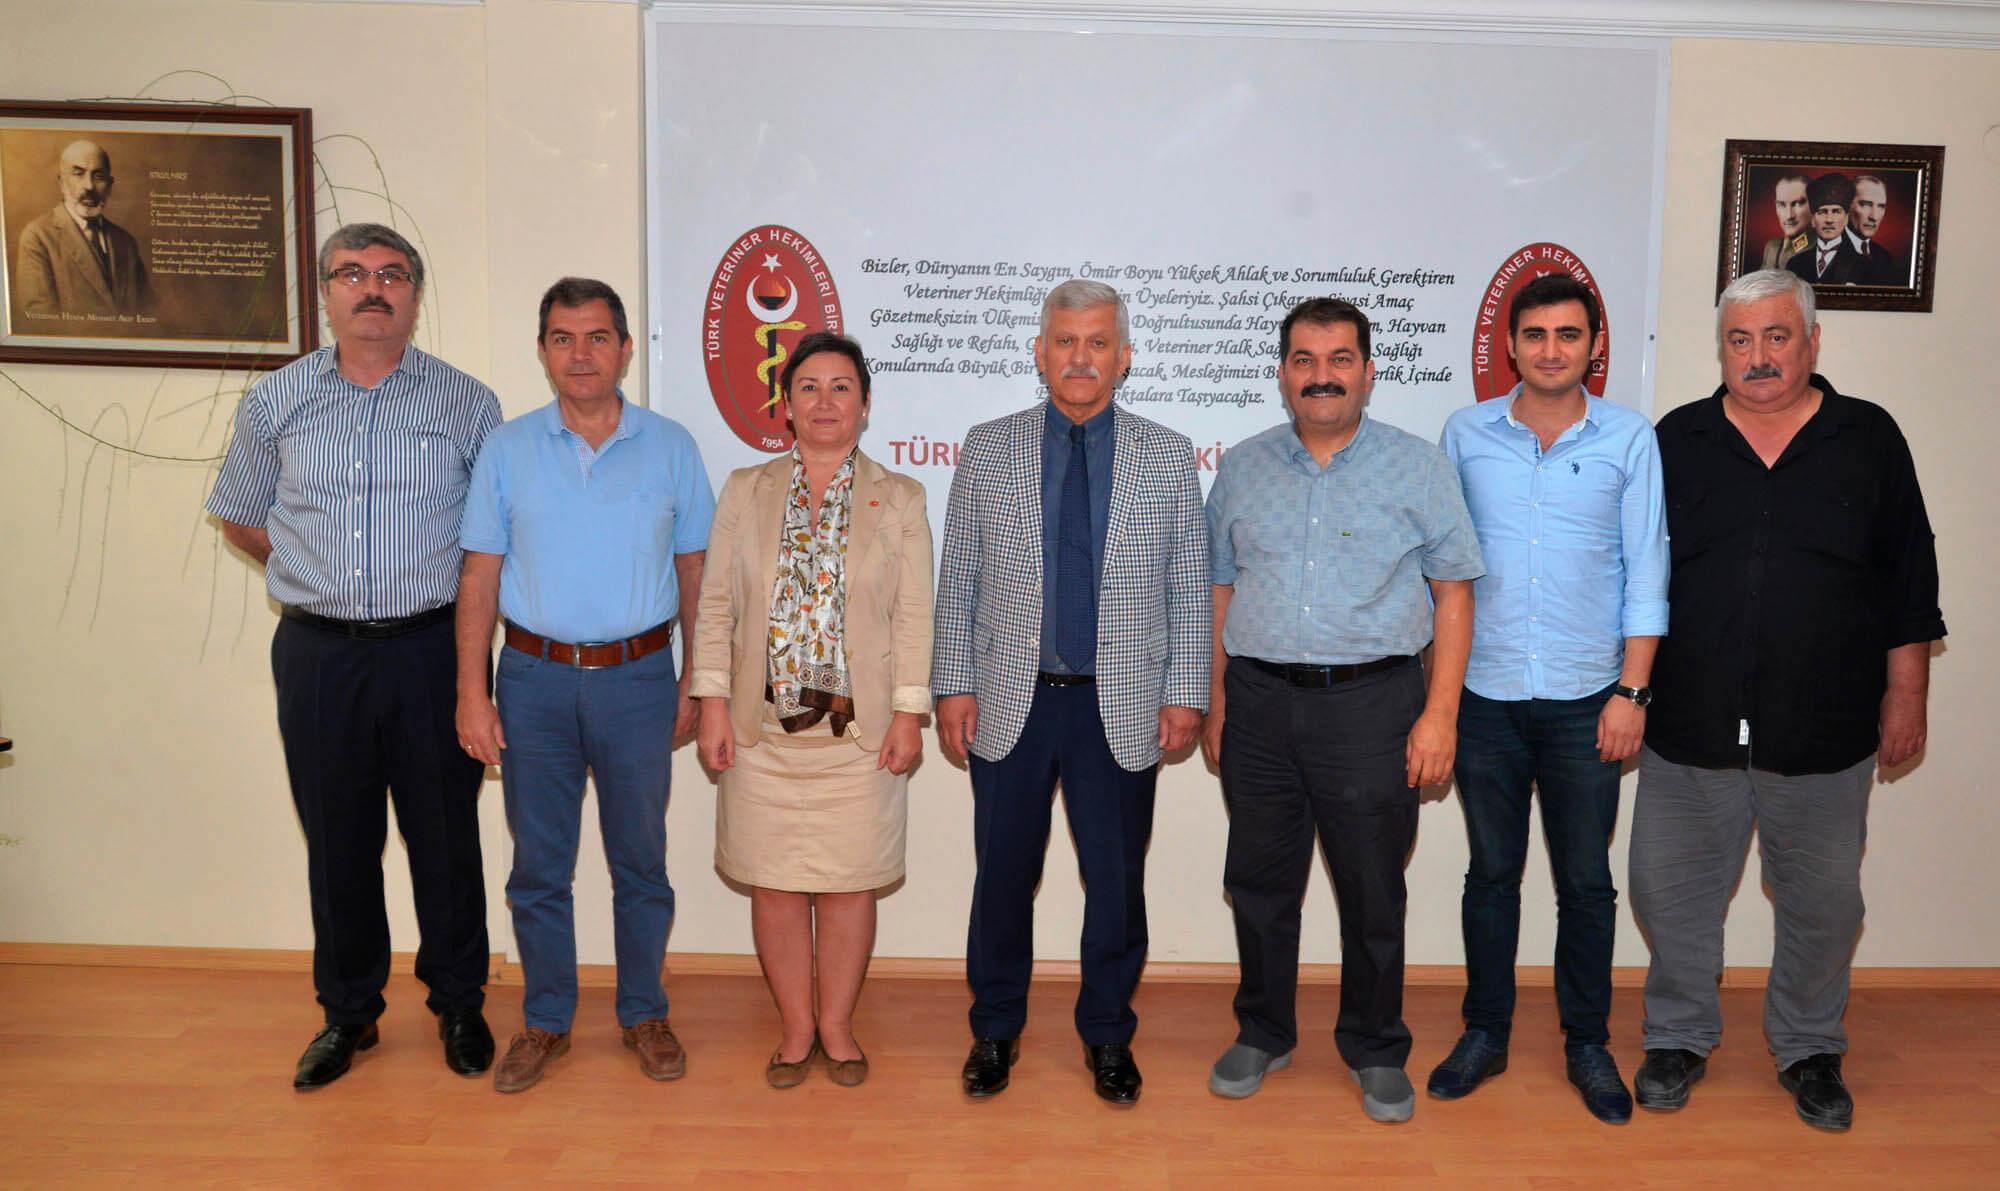 Türk Veteriner Hekimleri Birliği Merkez Konseyi alınan uzmanlık kararından memnun.